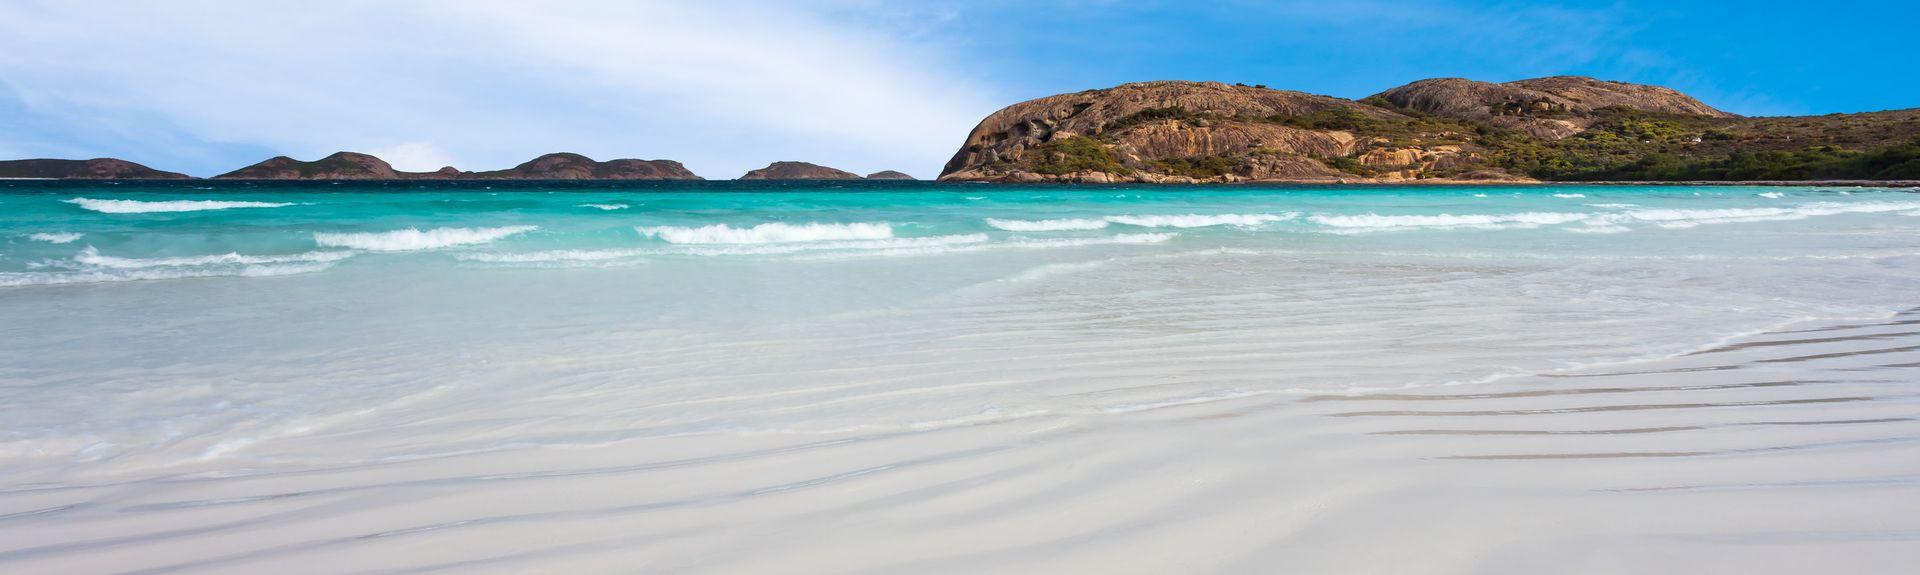 Esperance, Western Australia, Australia